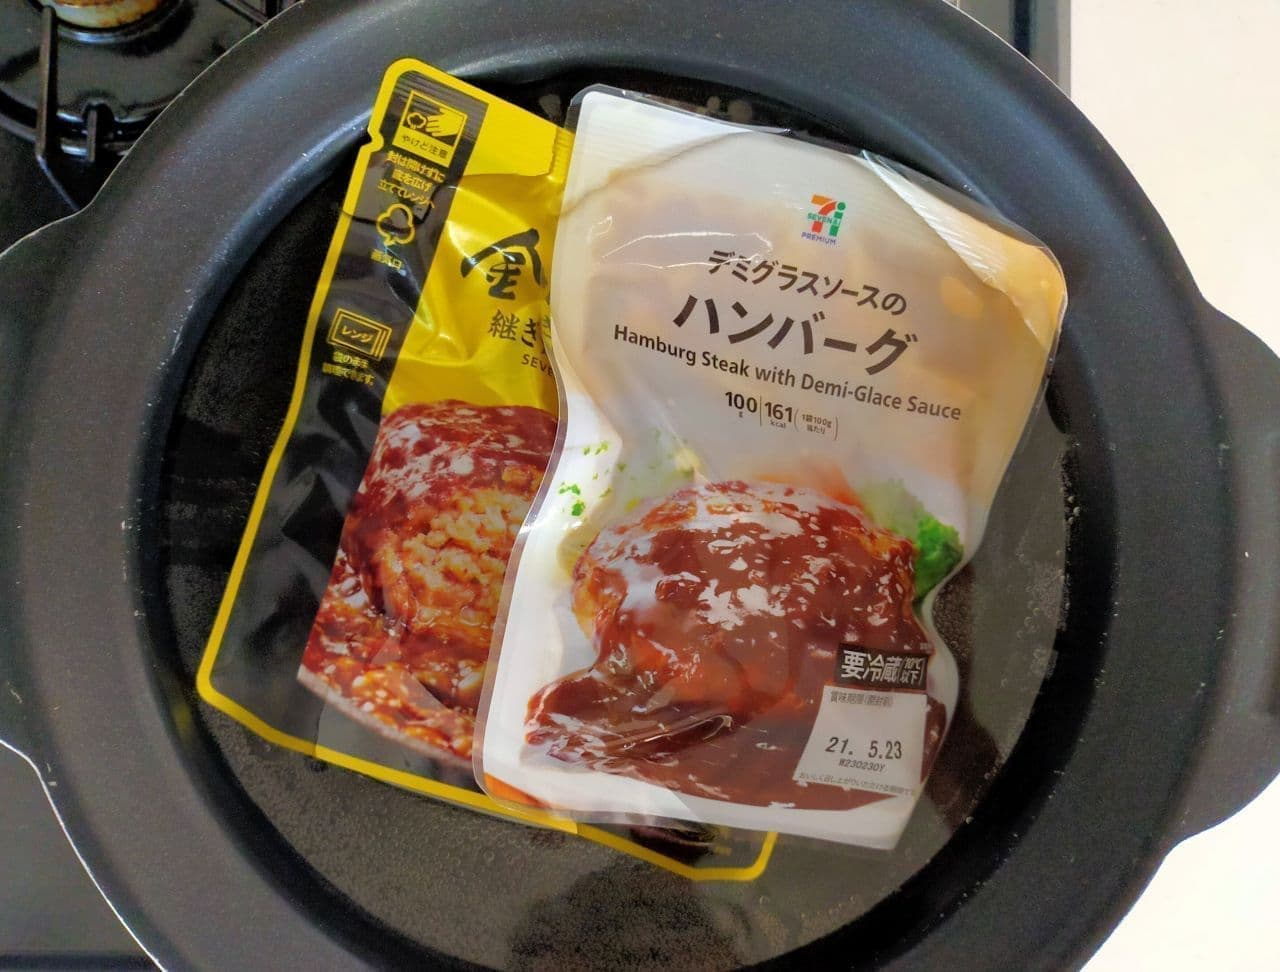 「7プレミアム デミグラスハンバーグ」と「7プレミアムゴールド 金の直火焼ハンバーグ」食べ比べ